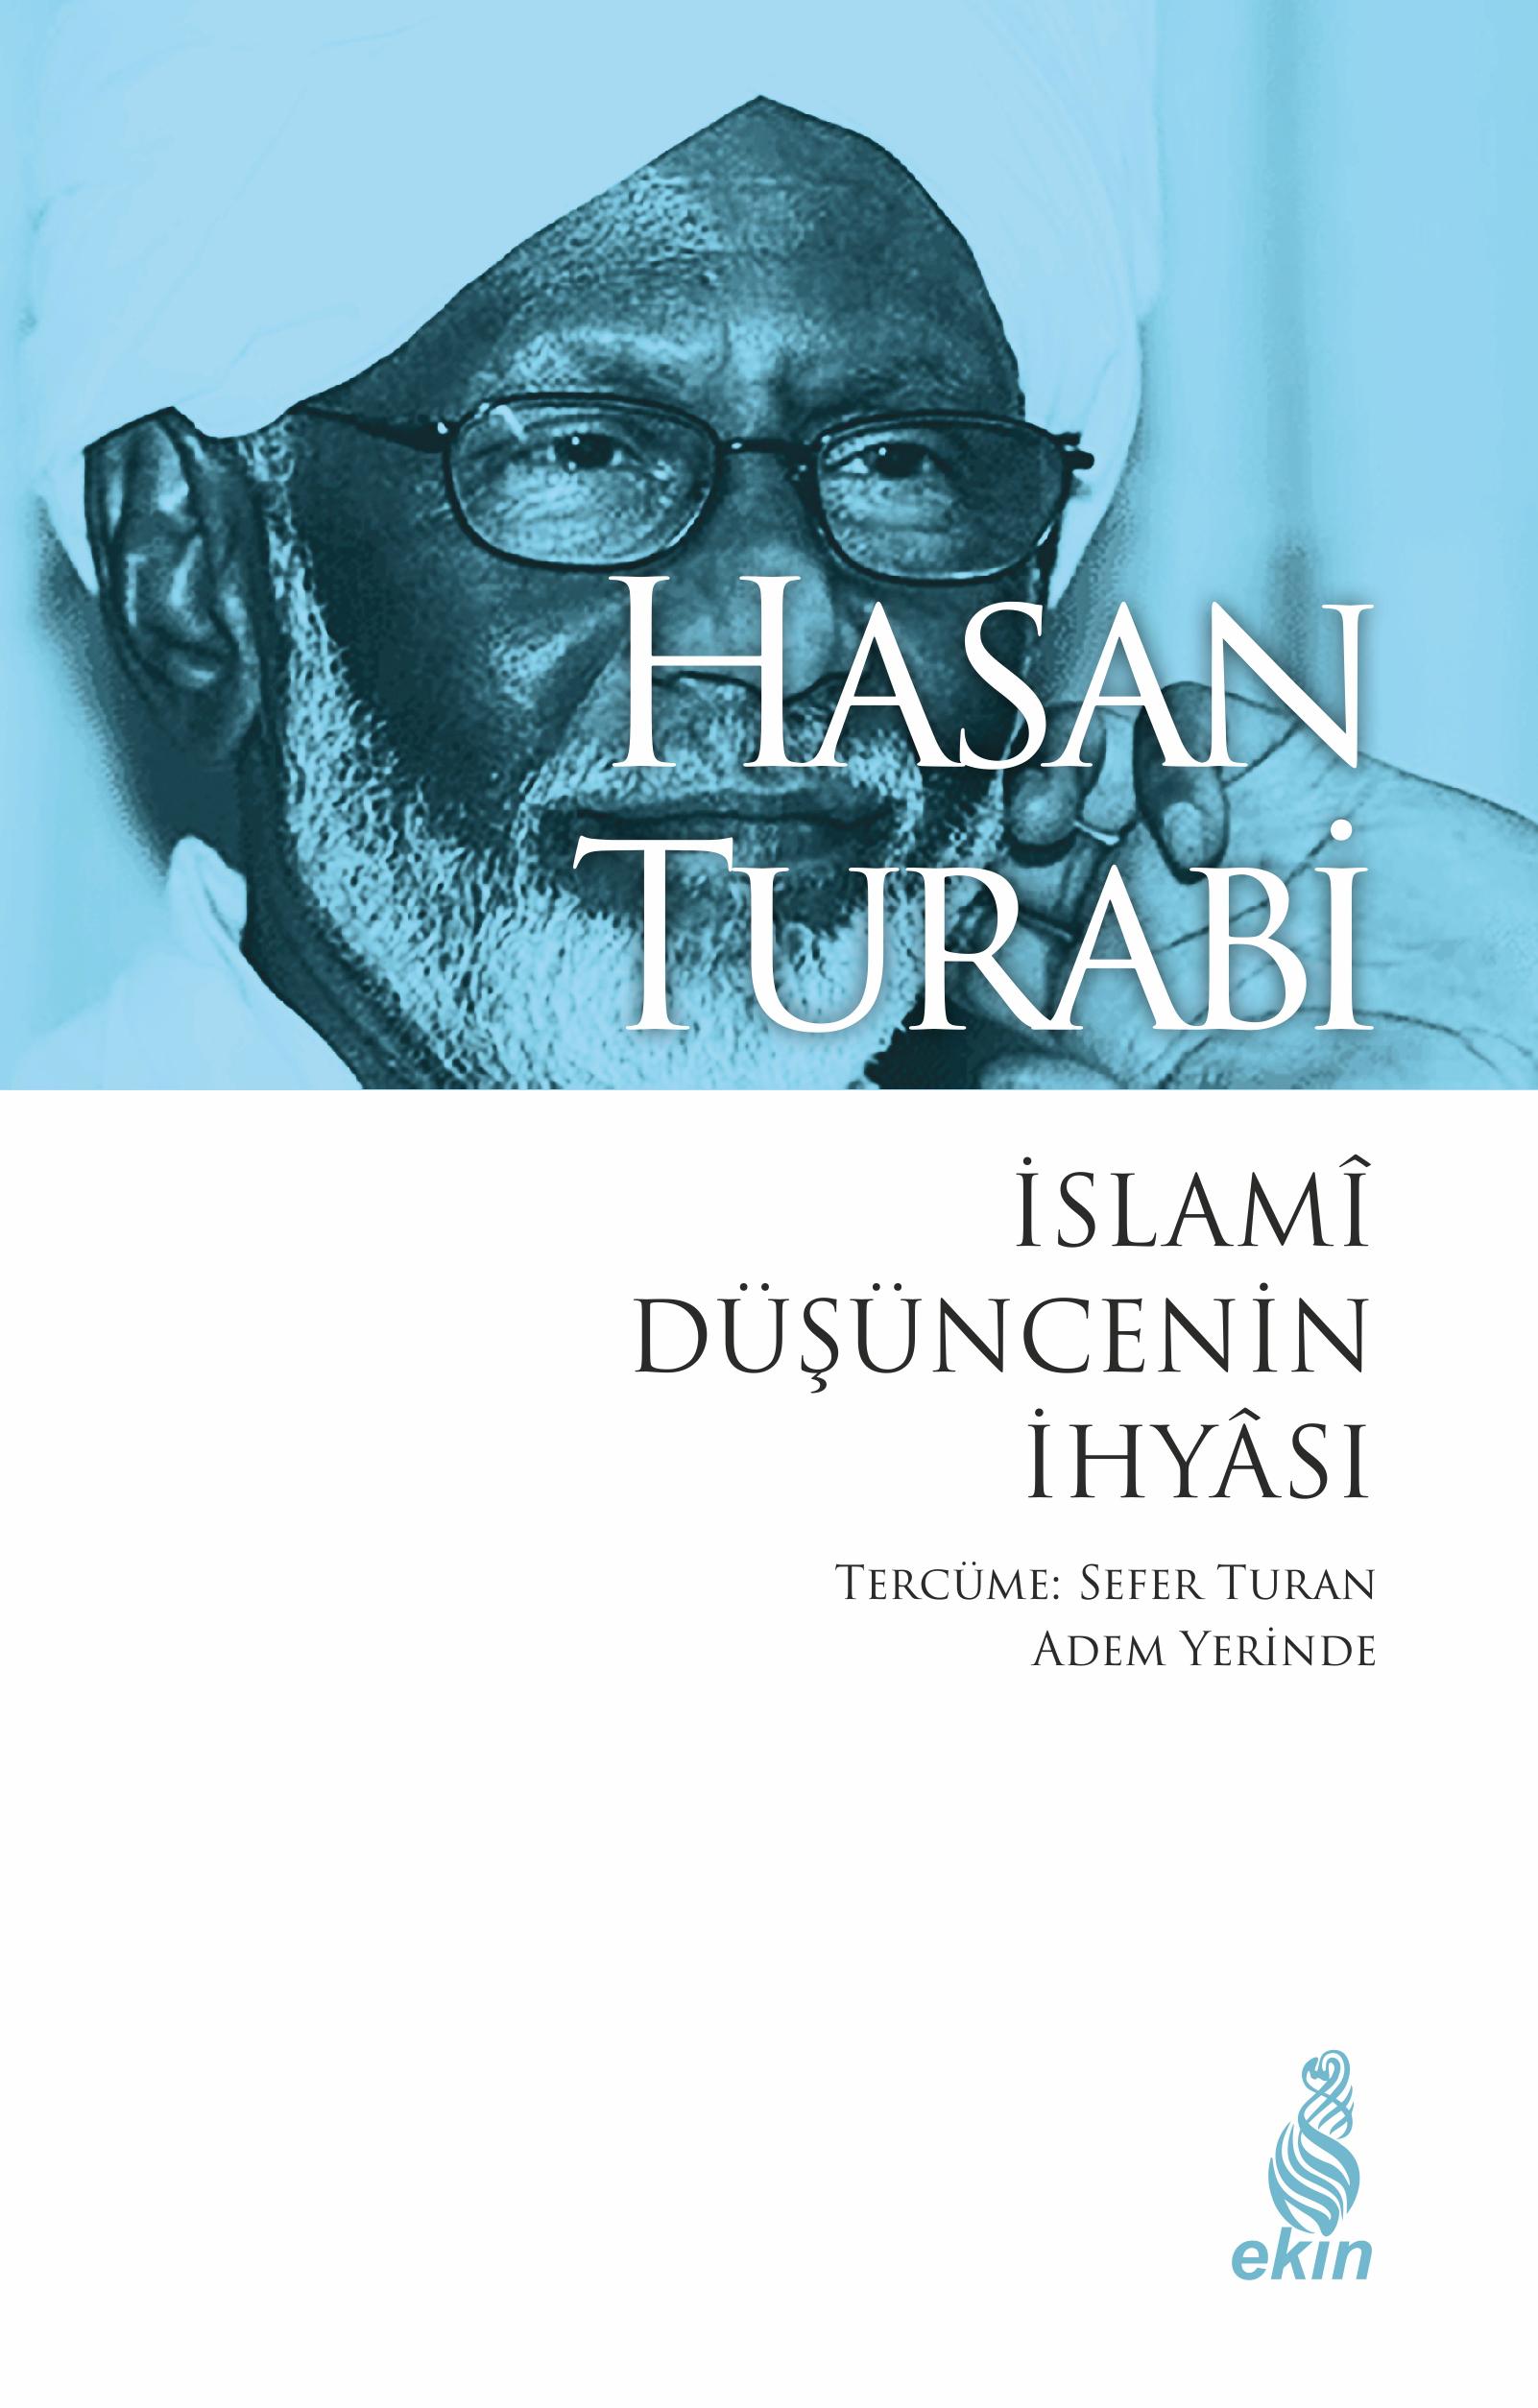 islami-dusuncenin-ihyasi-kapak.jpg